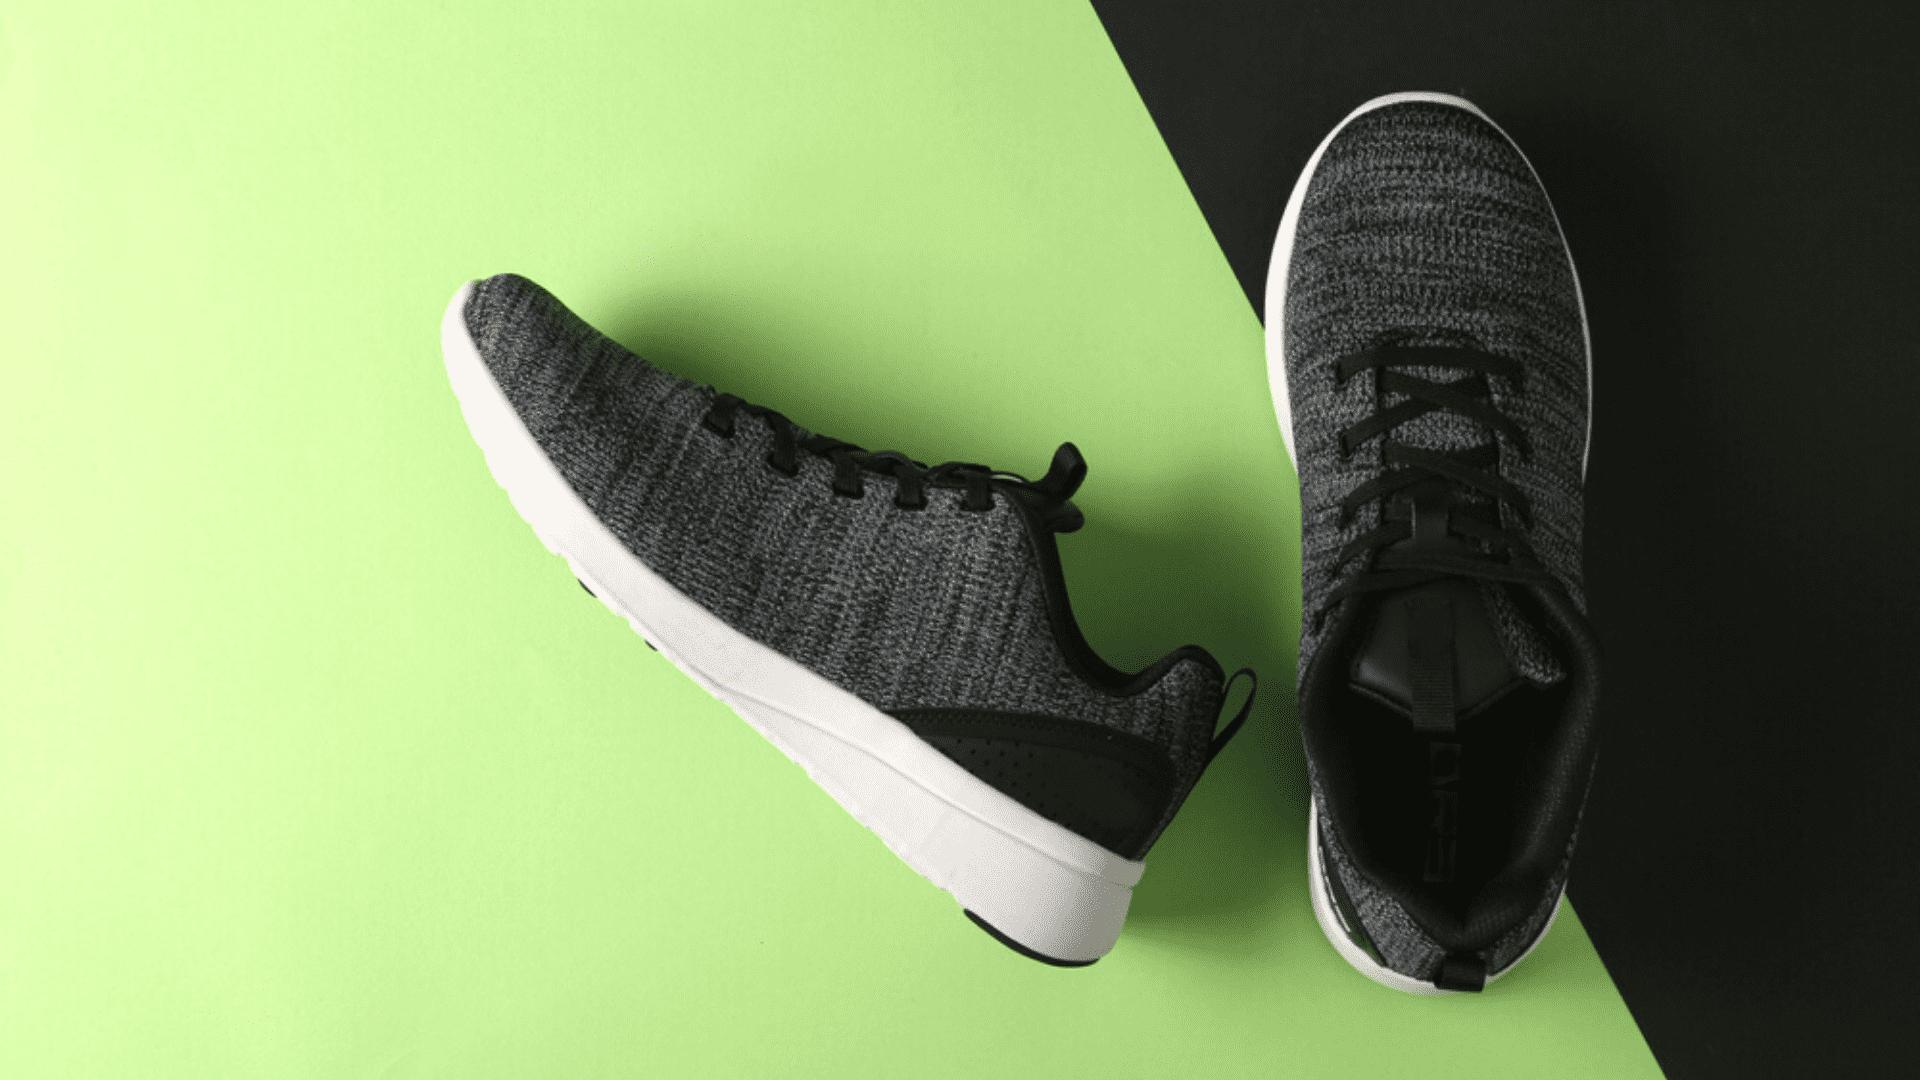 Veja quais foram os tênis para caminhada mais vendidos no Zoom em março de 2021! (Imagem: Reprodução/Shutterstock)